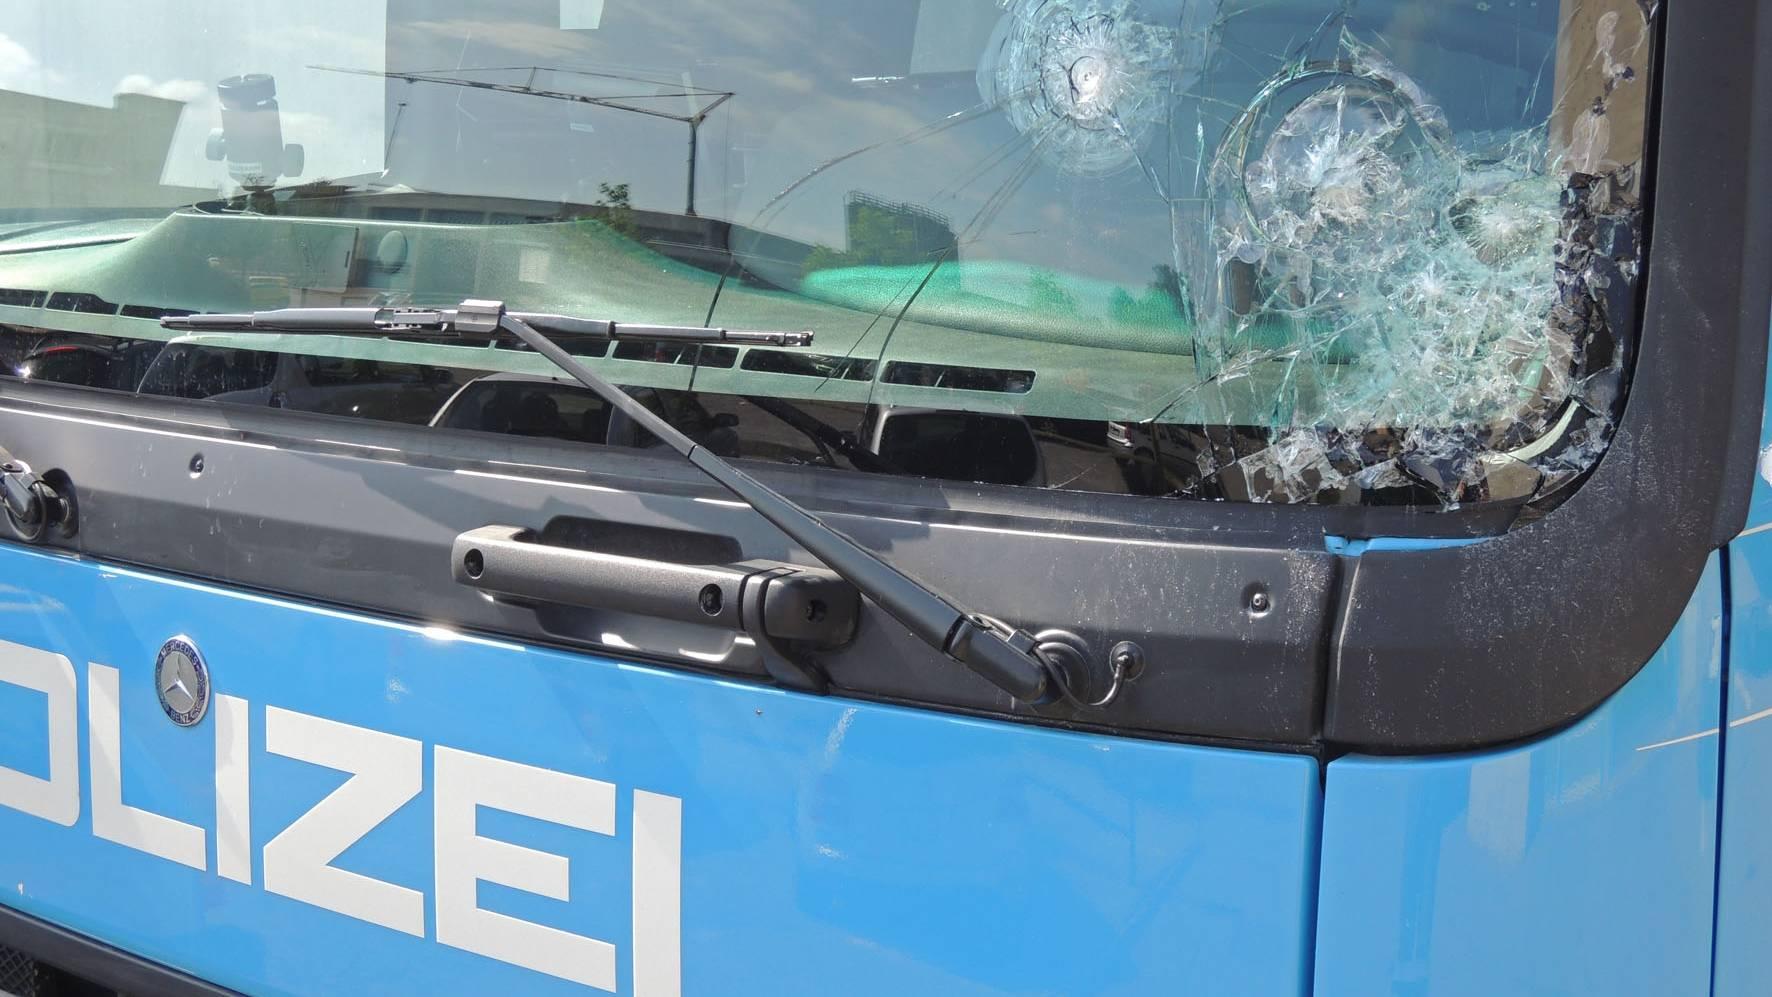 Bald höhere Kosten für FCL bei Polizeieinsätzen zu Hause